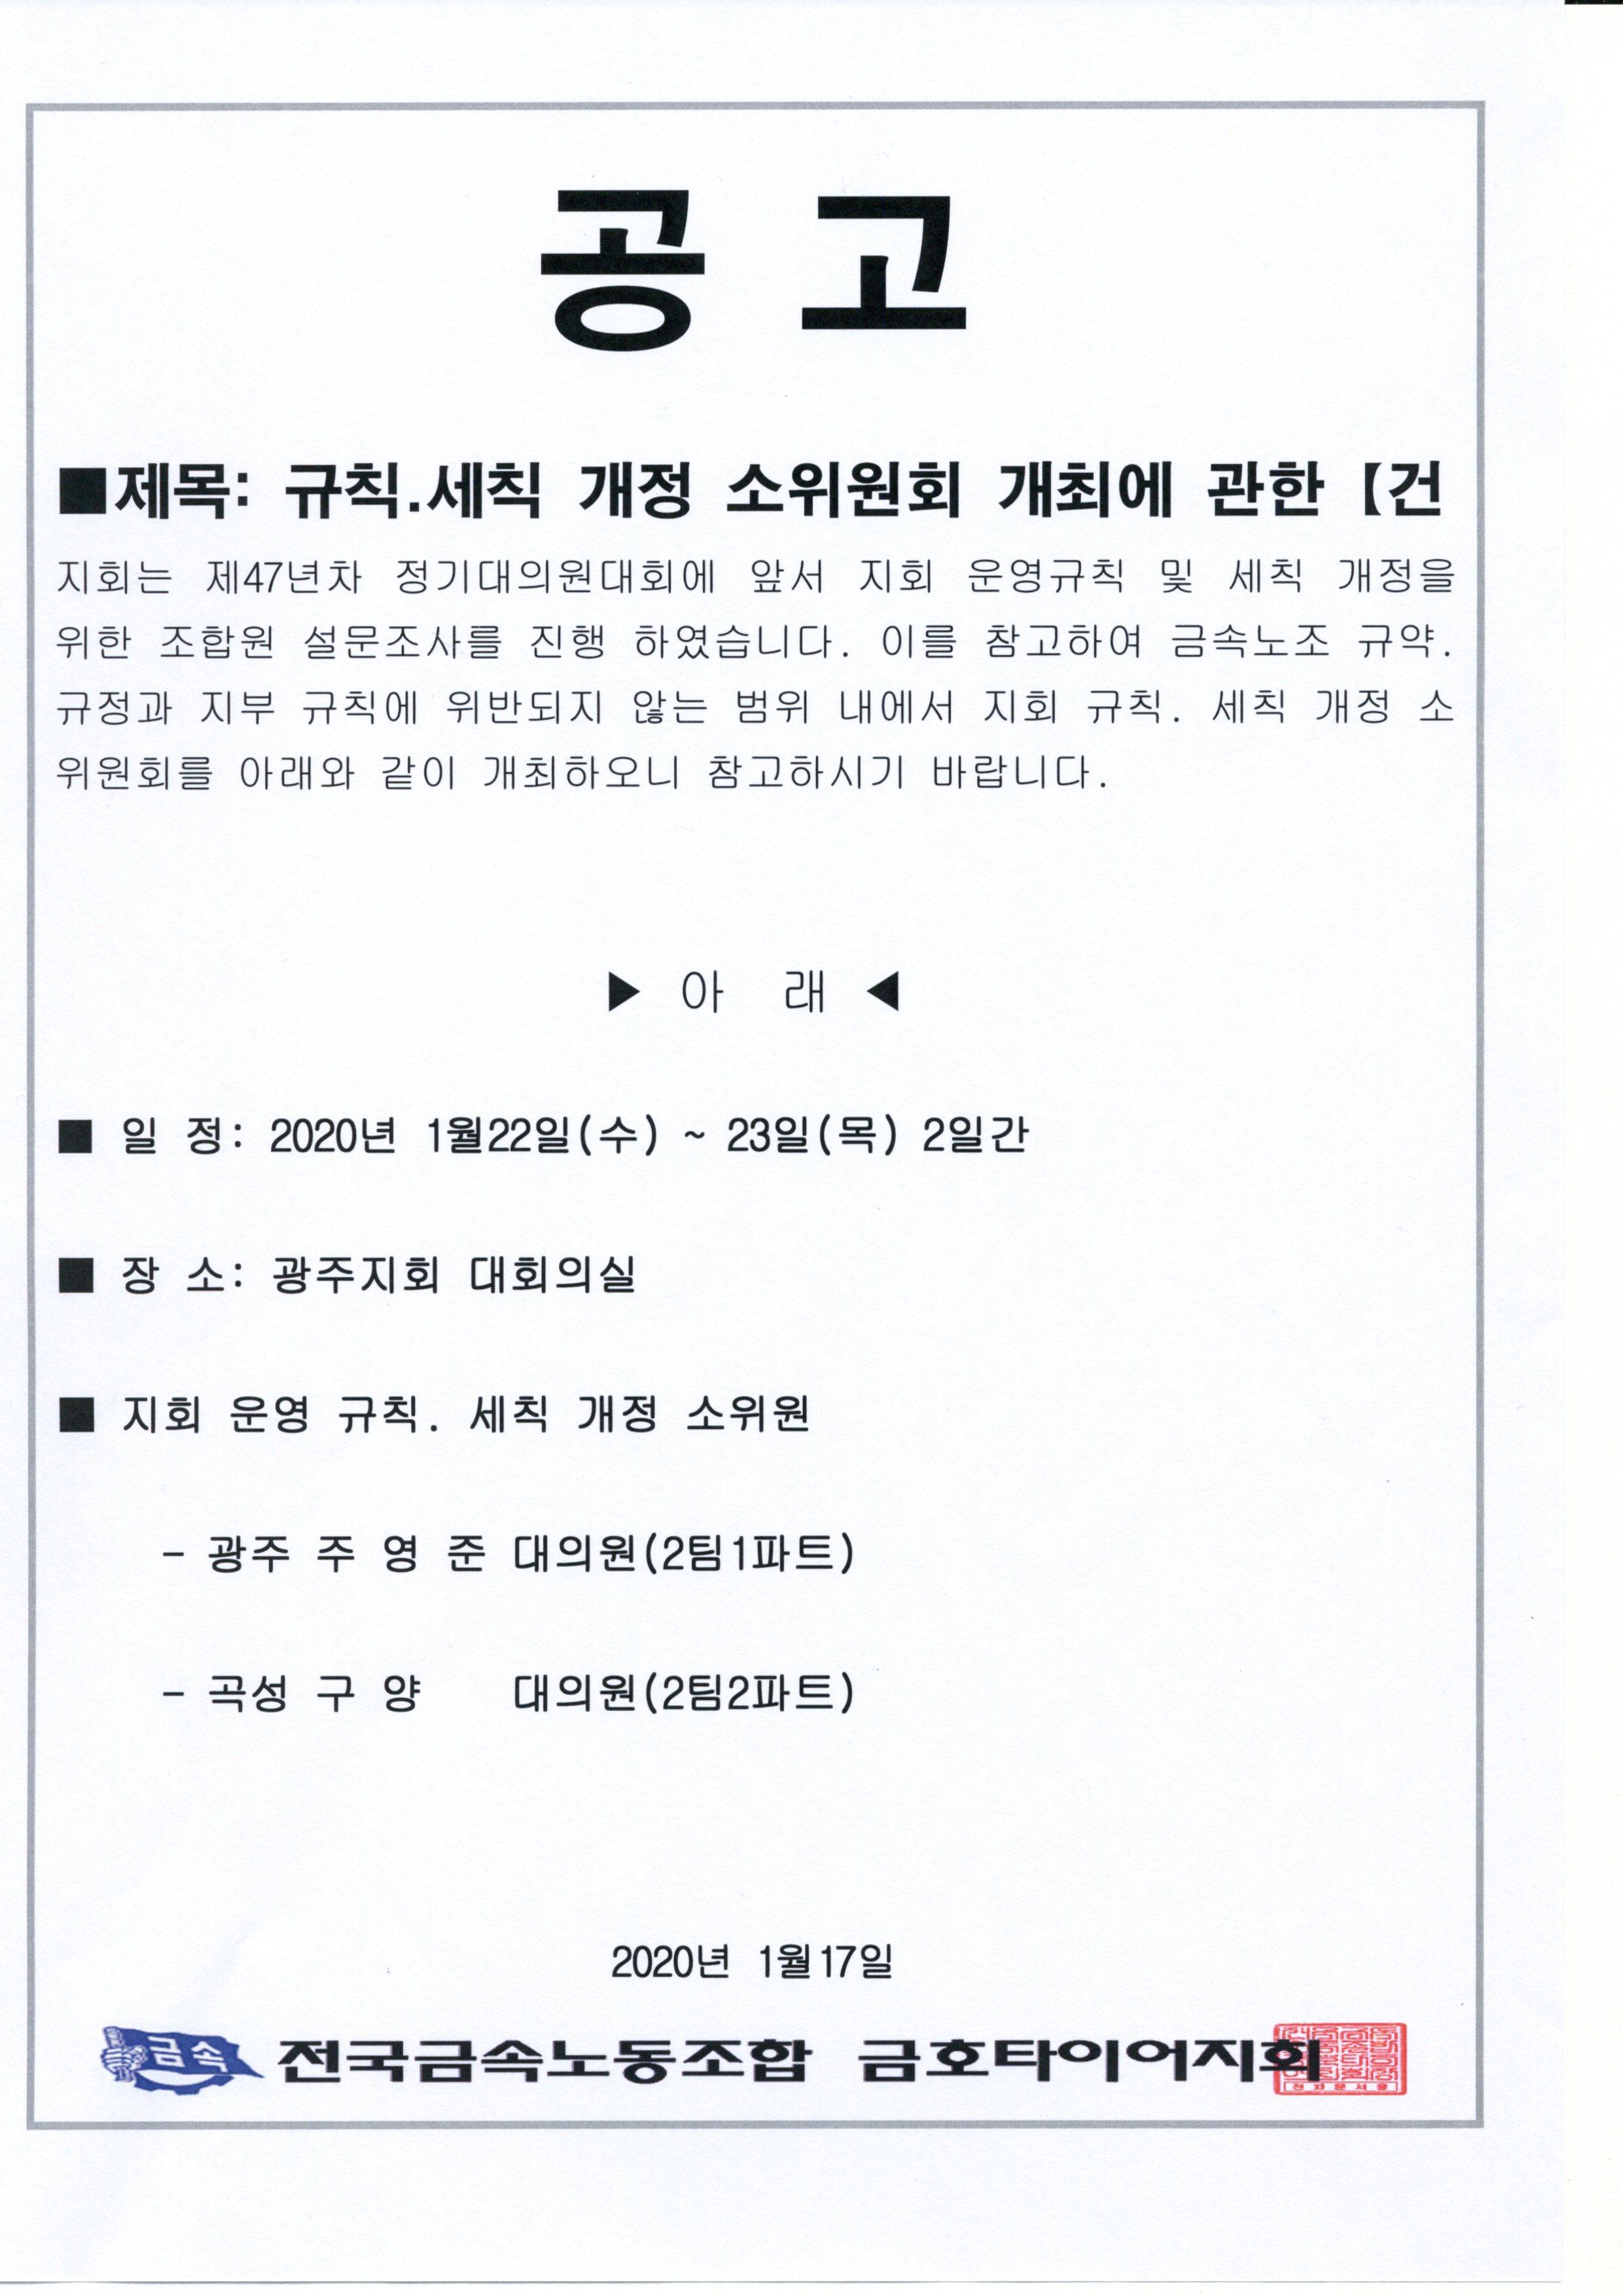 규칙,세칙 소위원회 개최023.jpg